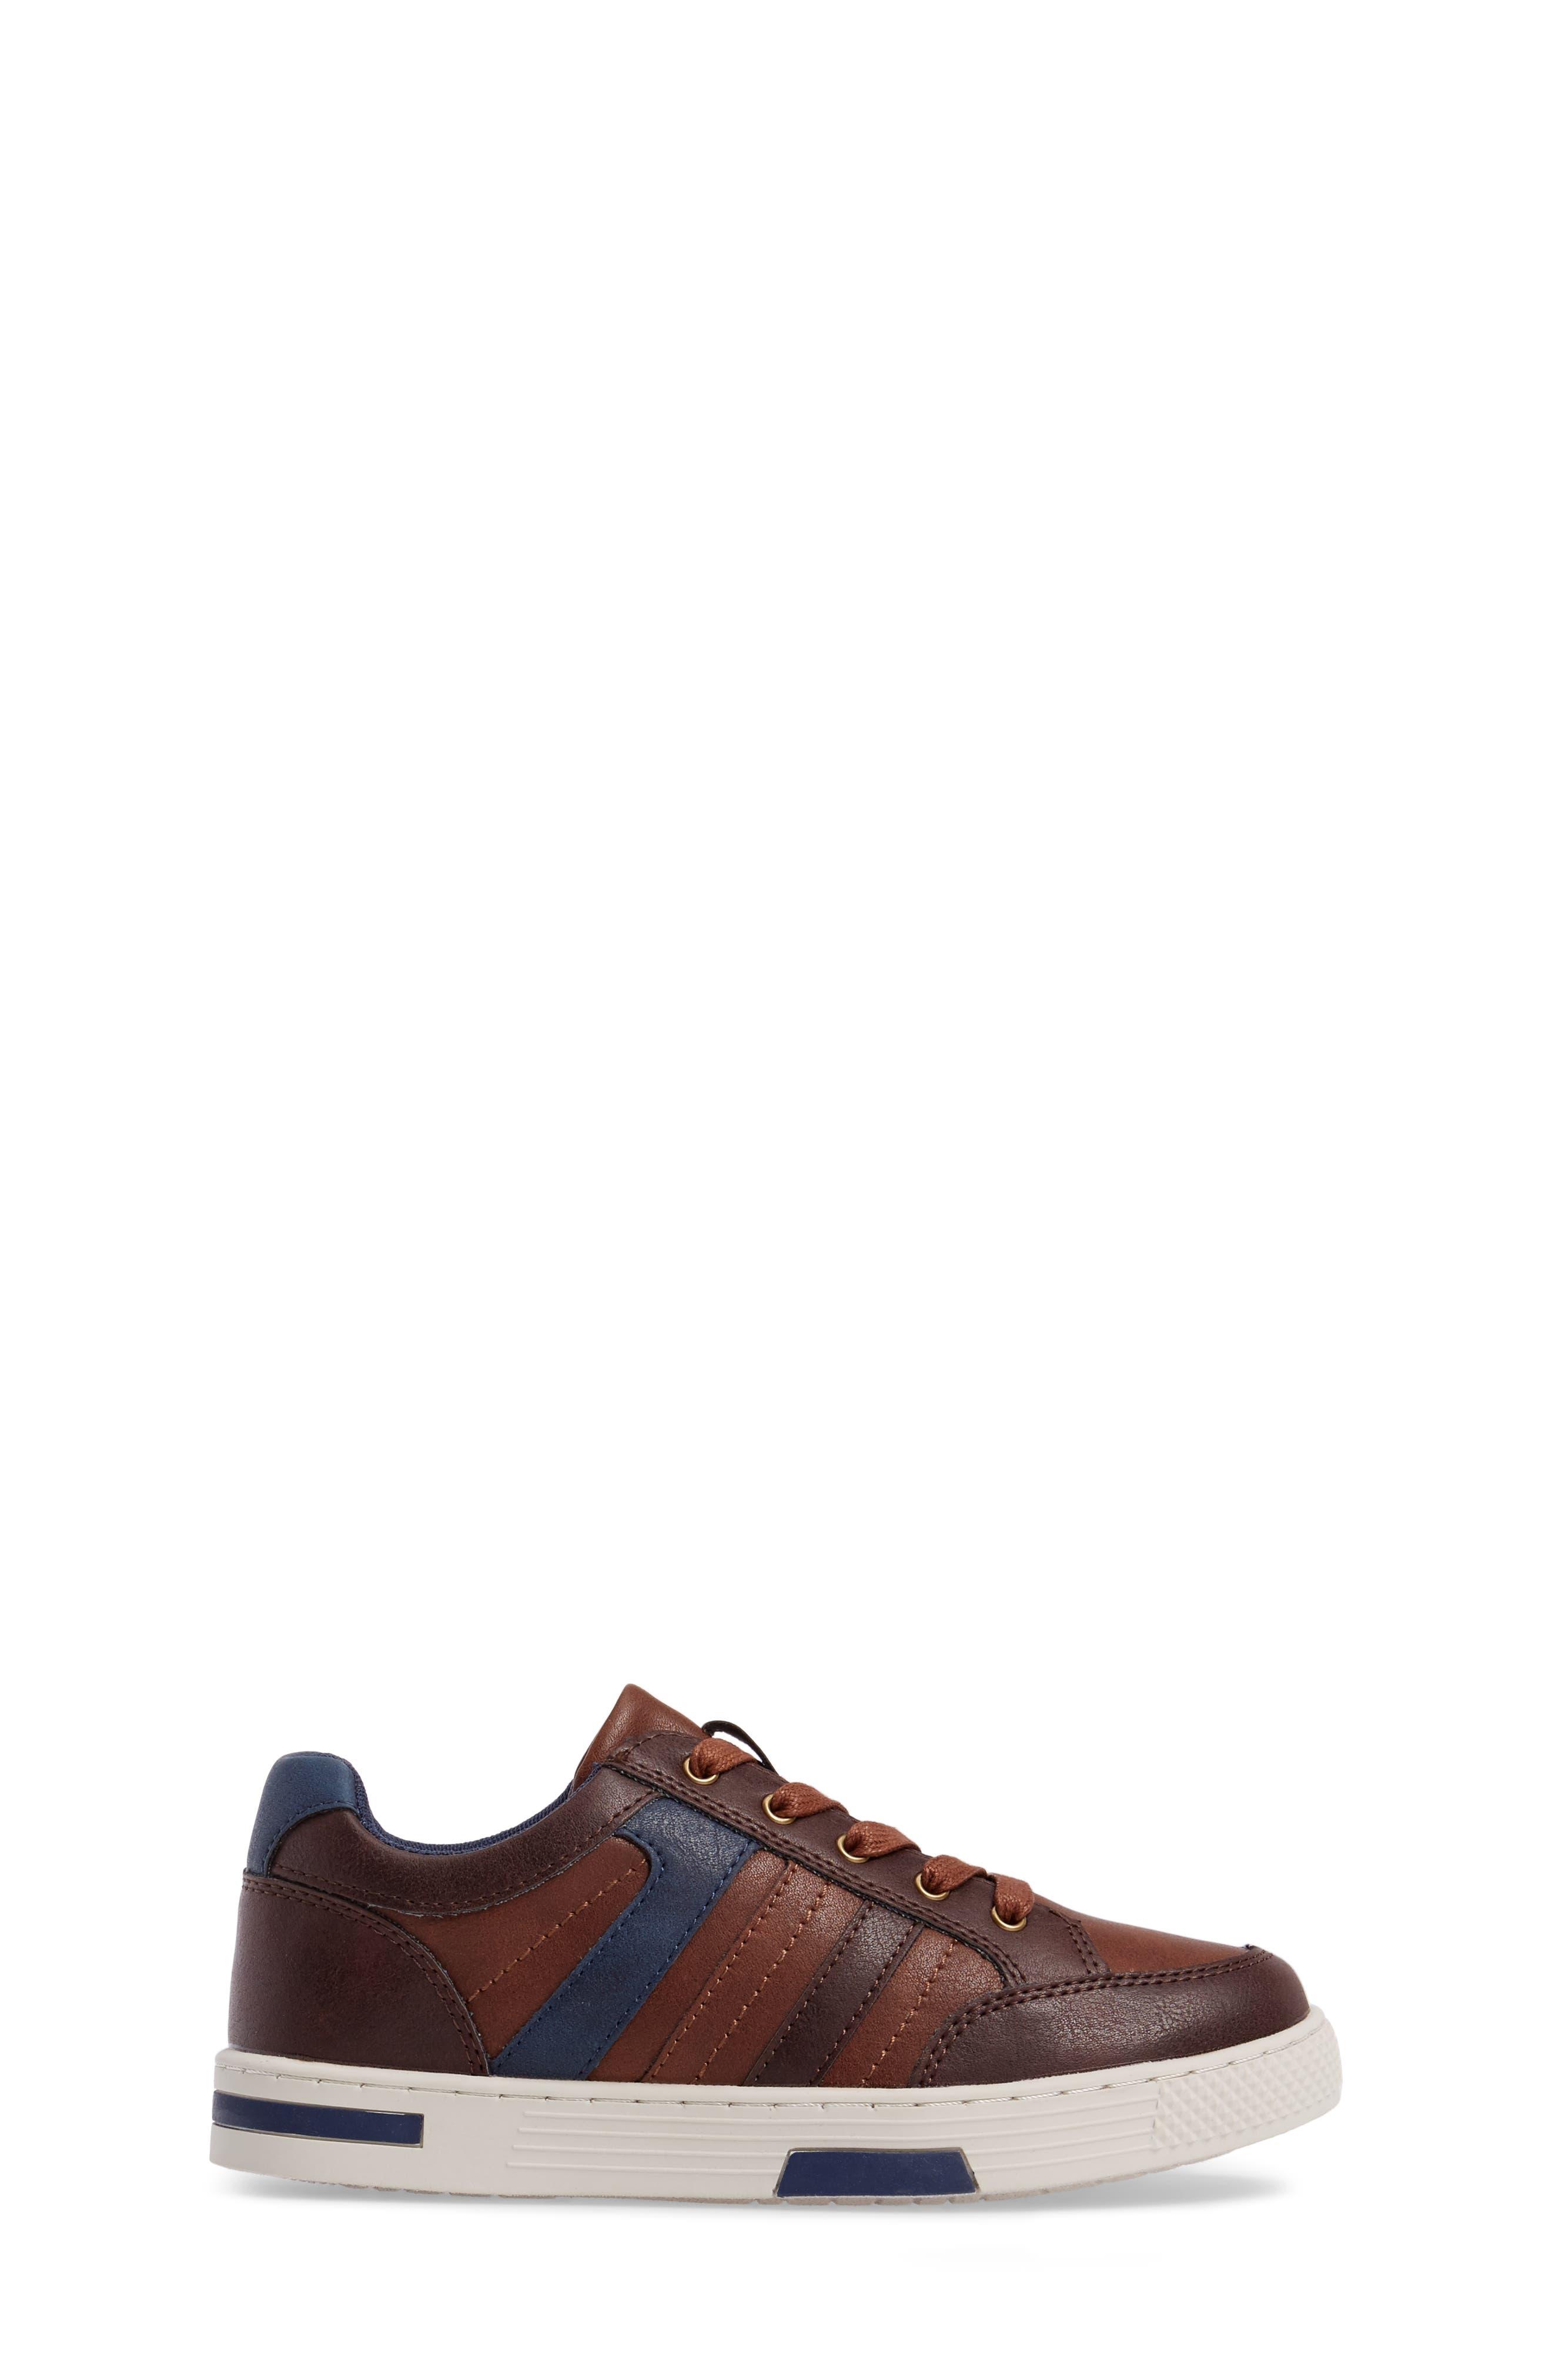 Trakk Sneaker,                             Alternate thumbnail 3, color,                             207